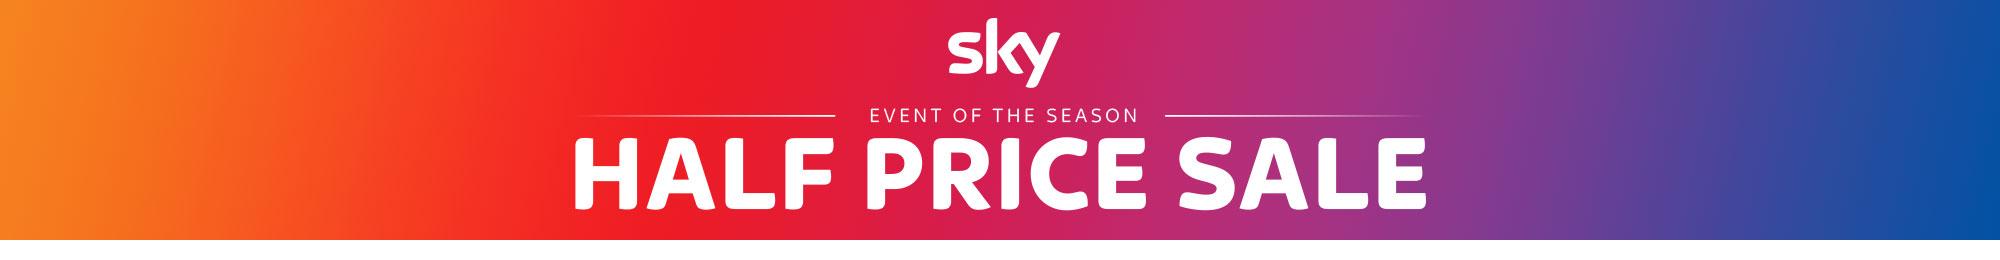 Sky Half Price Sale